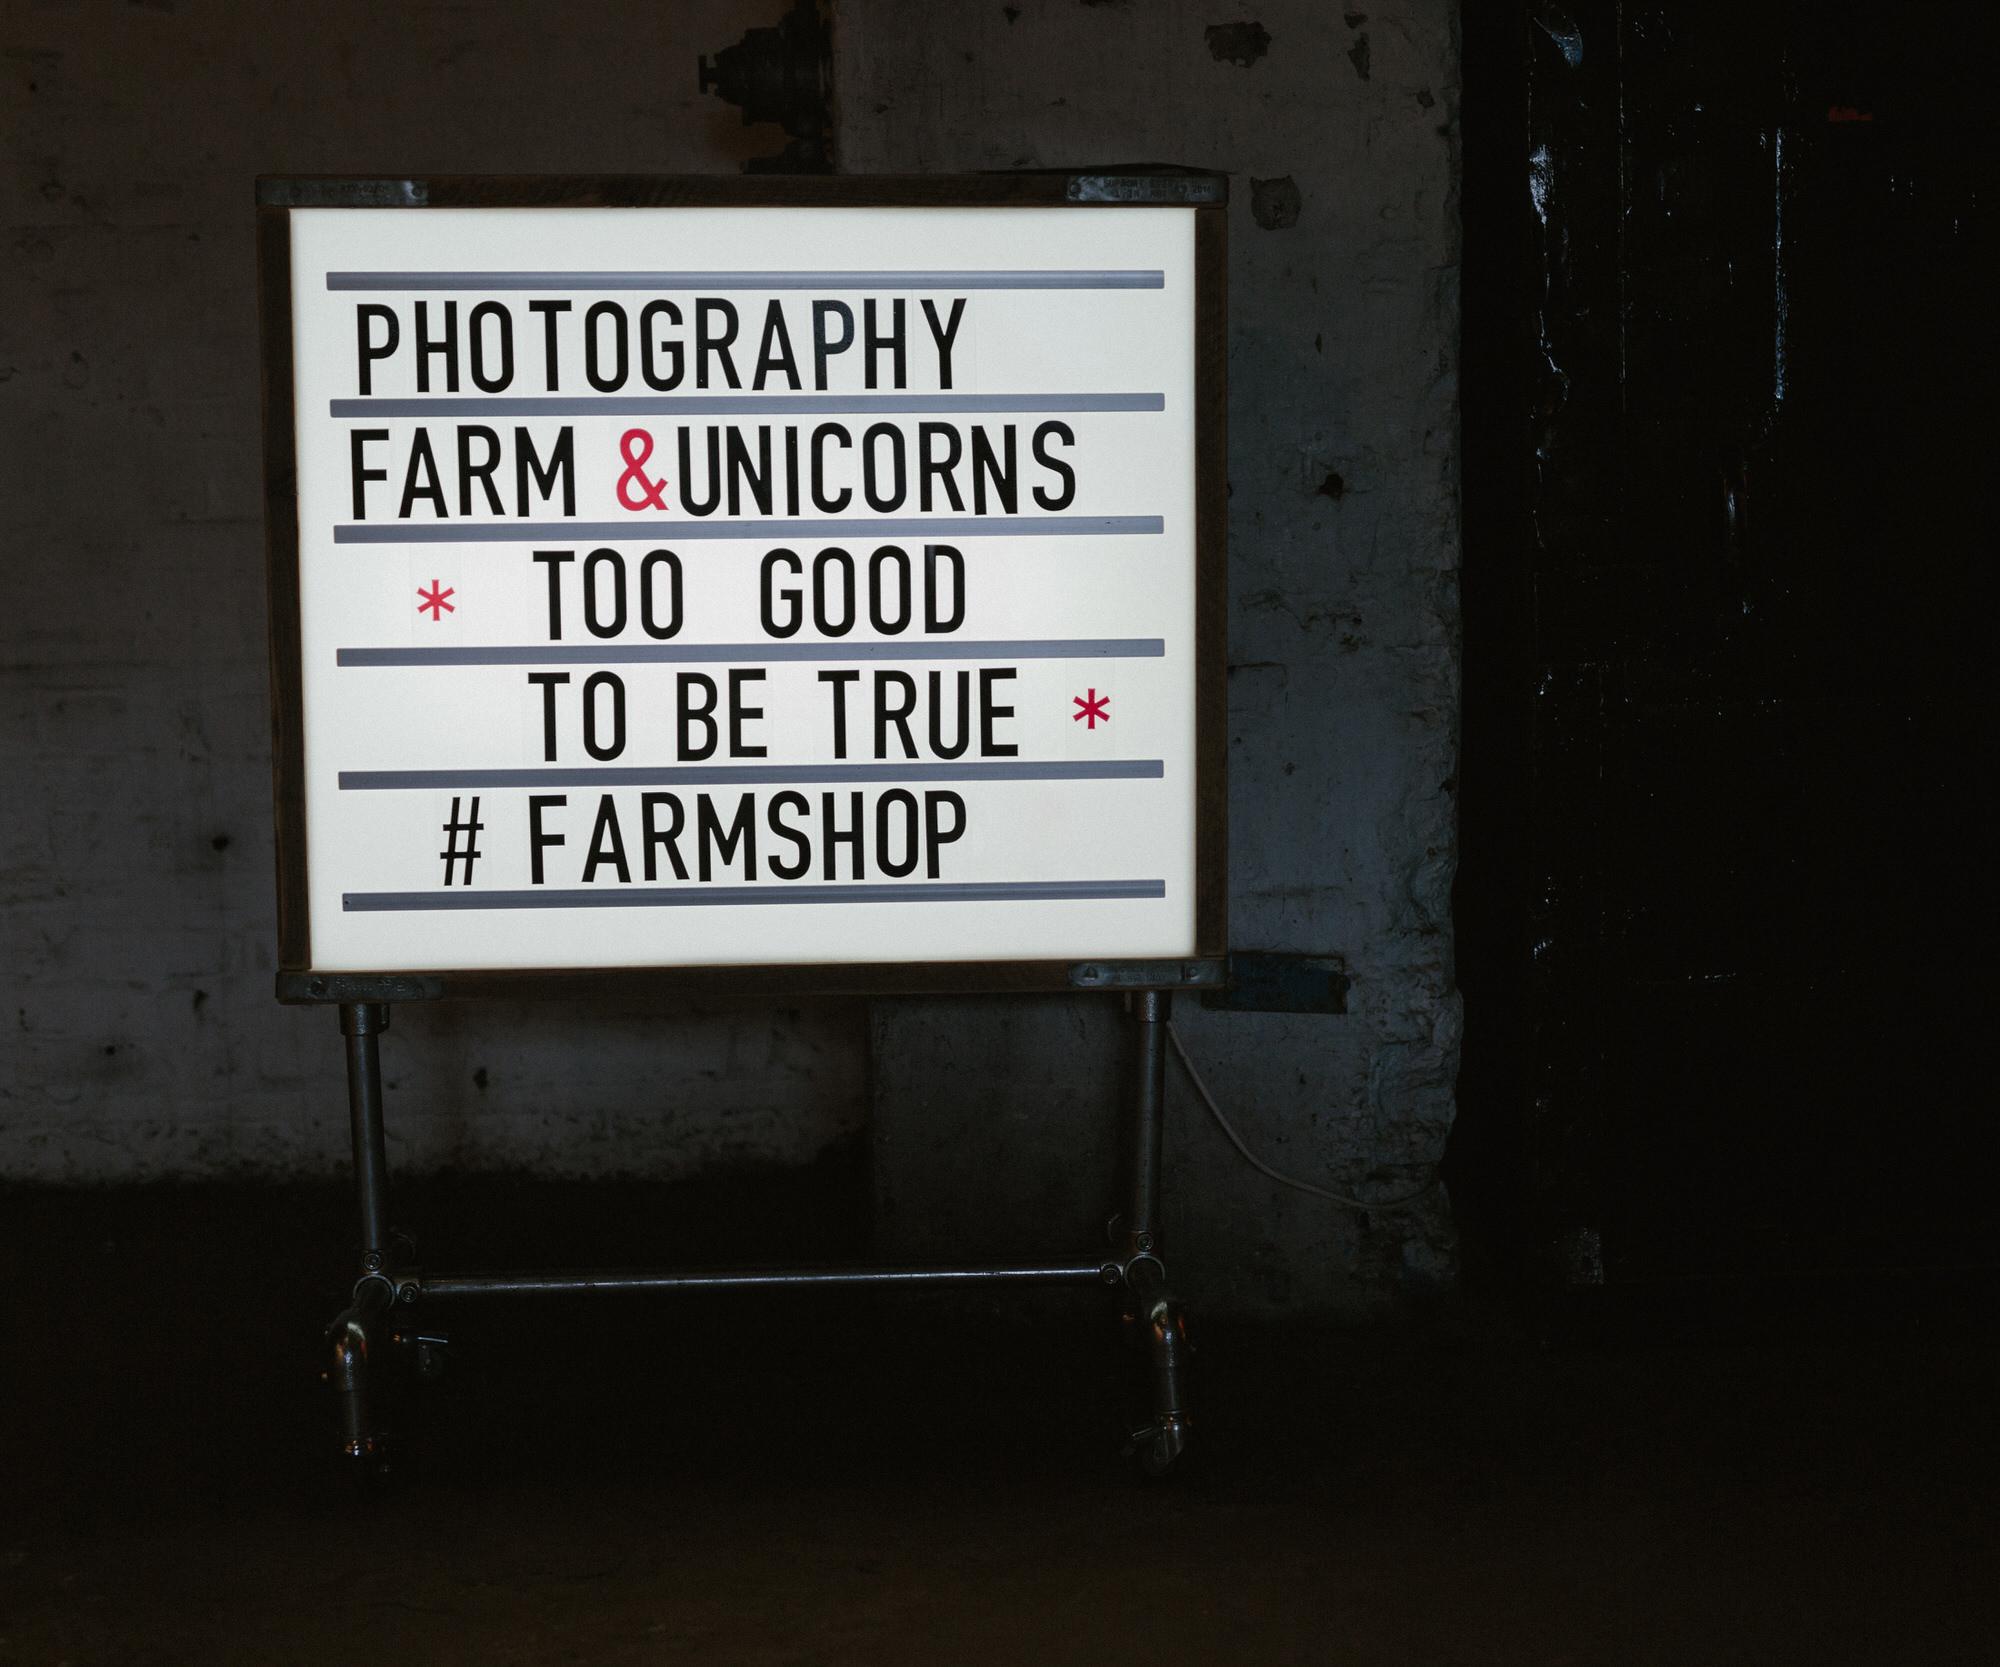 WW-FarmShop-002.jpg